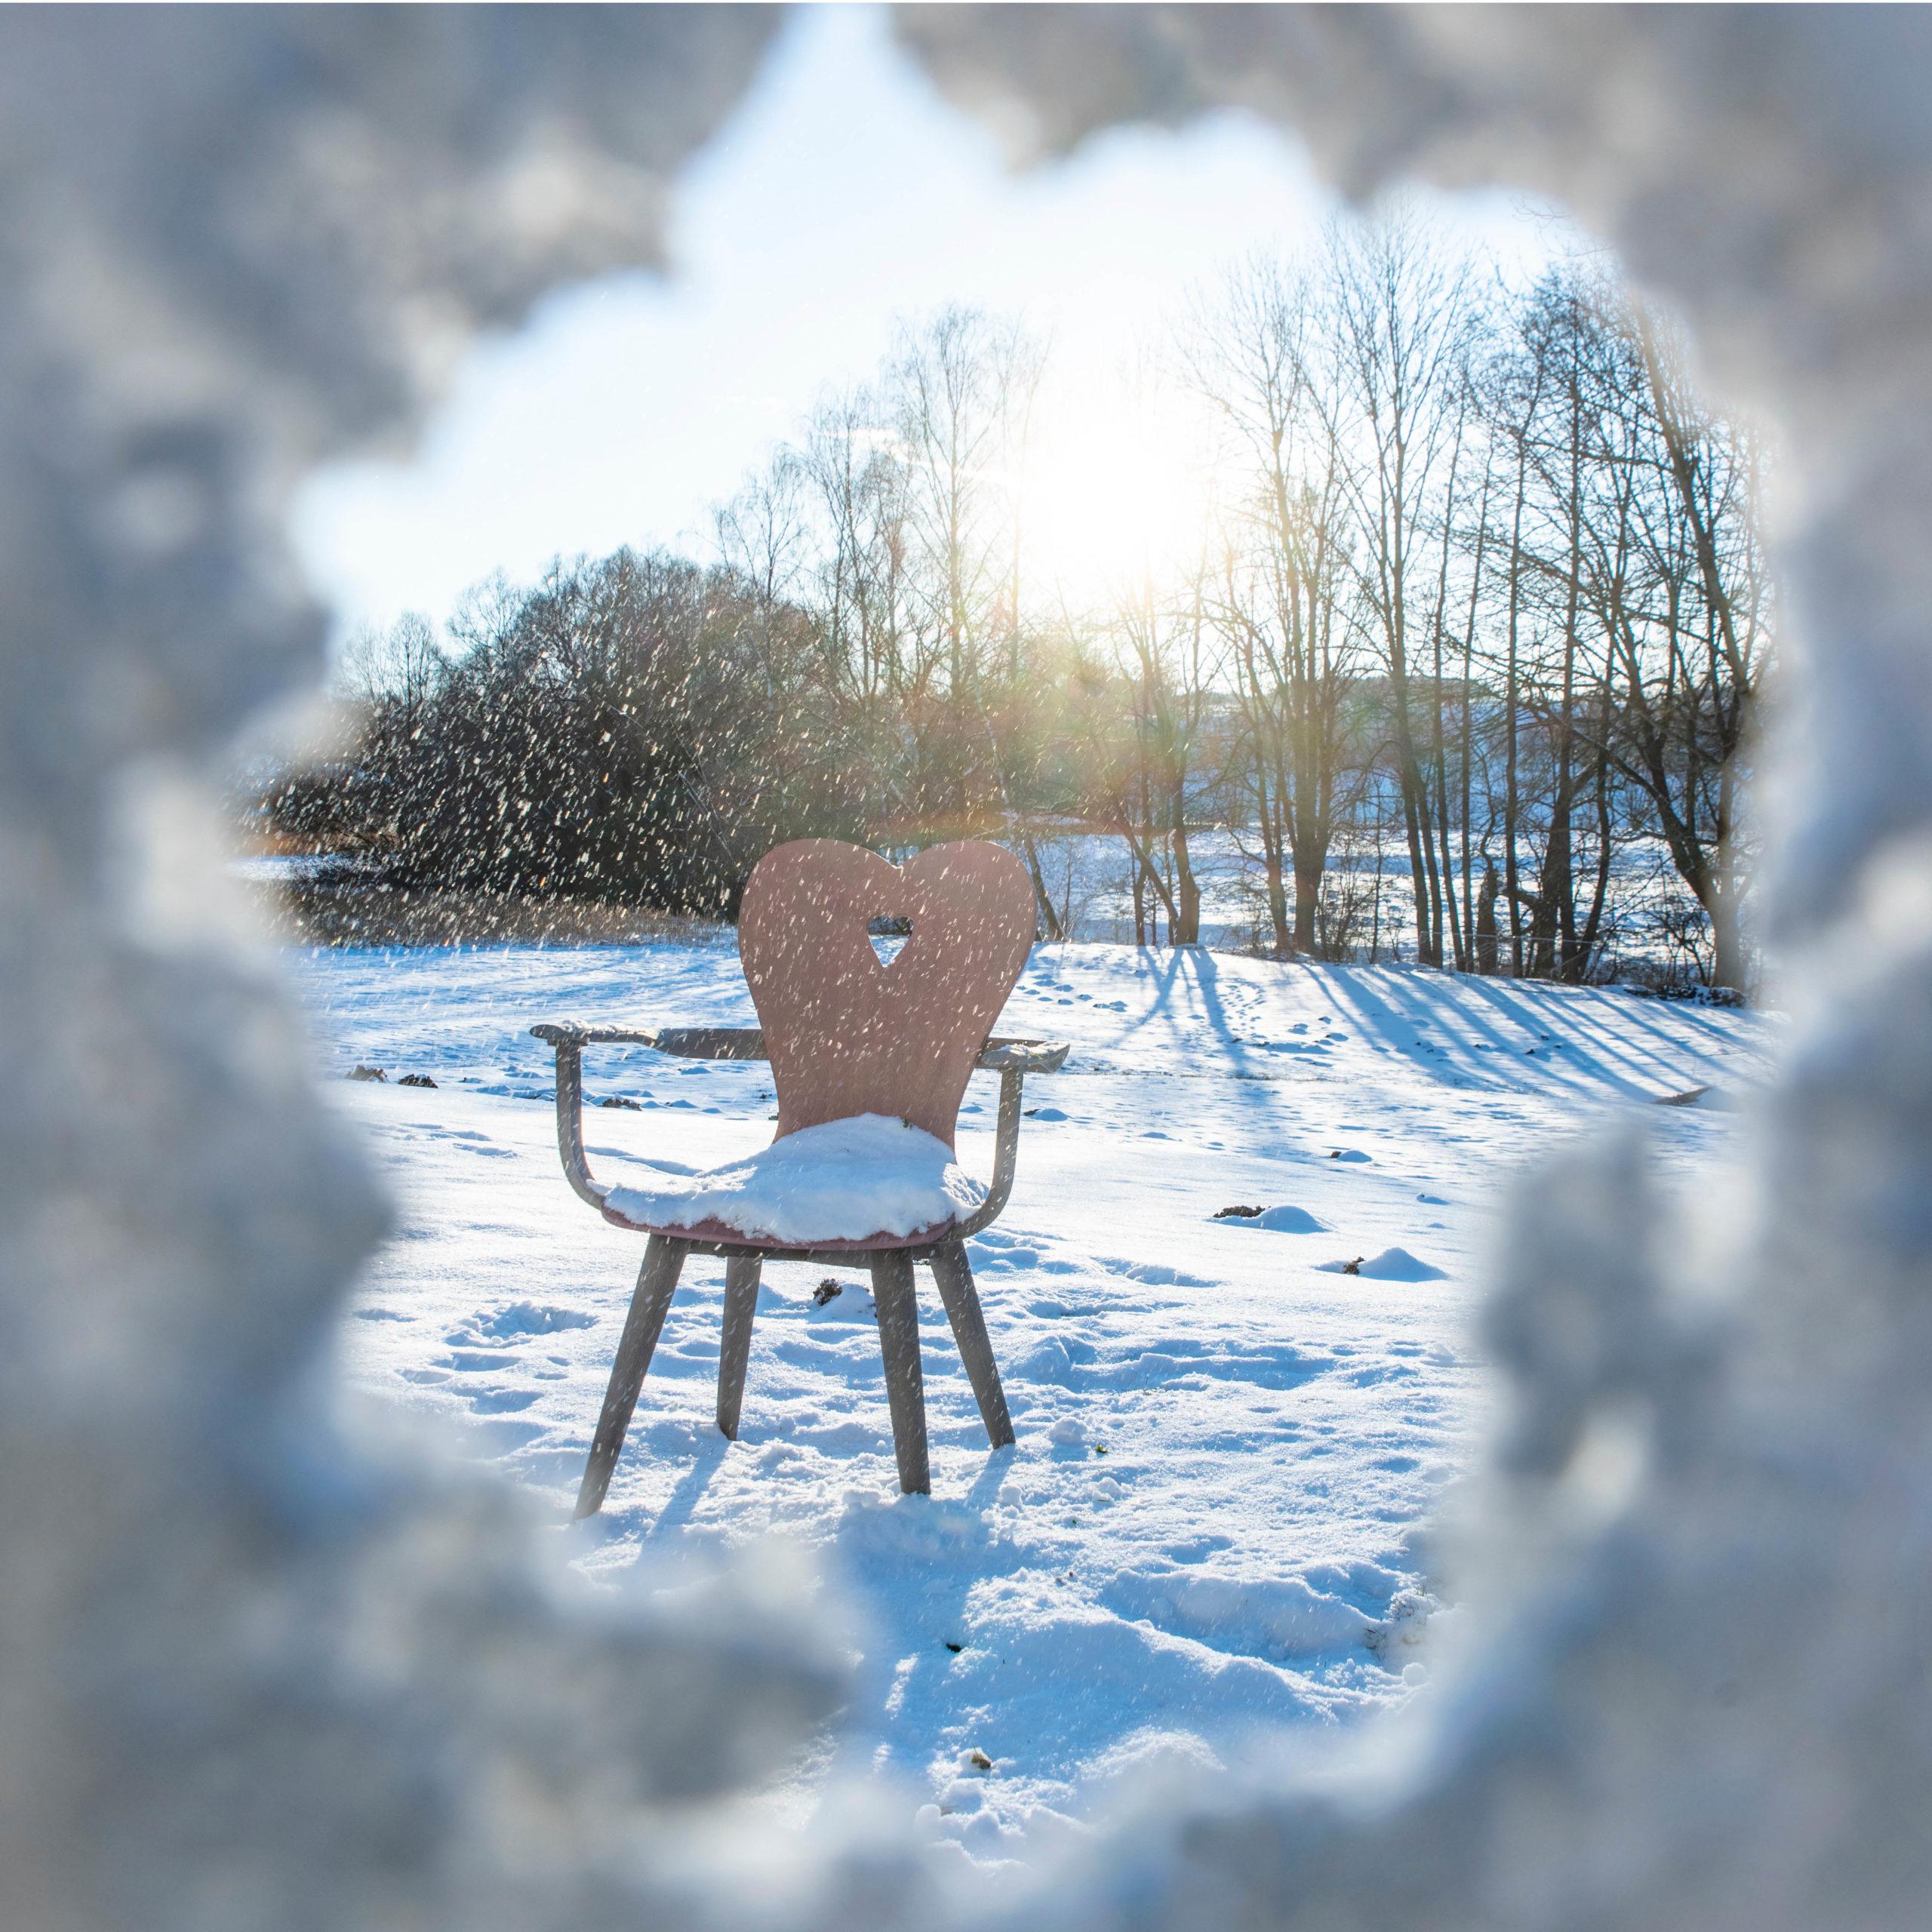 Werbefotografie von Gartenmöbeln für MBM